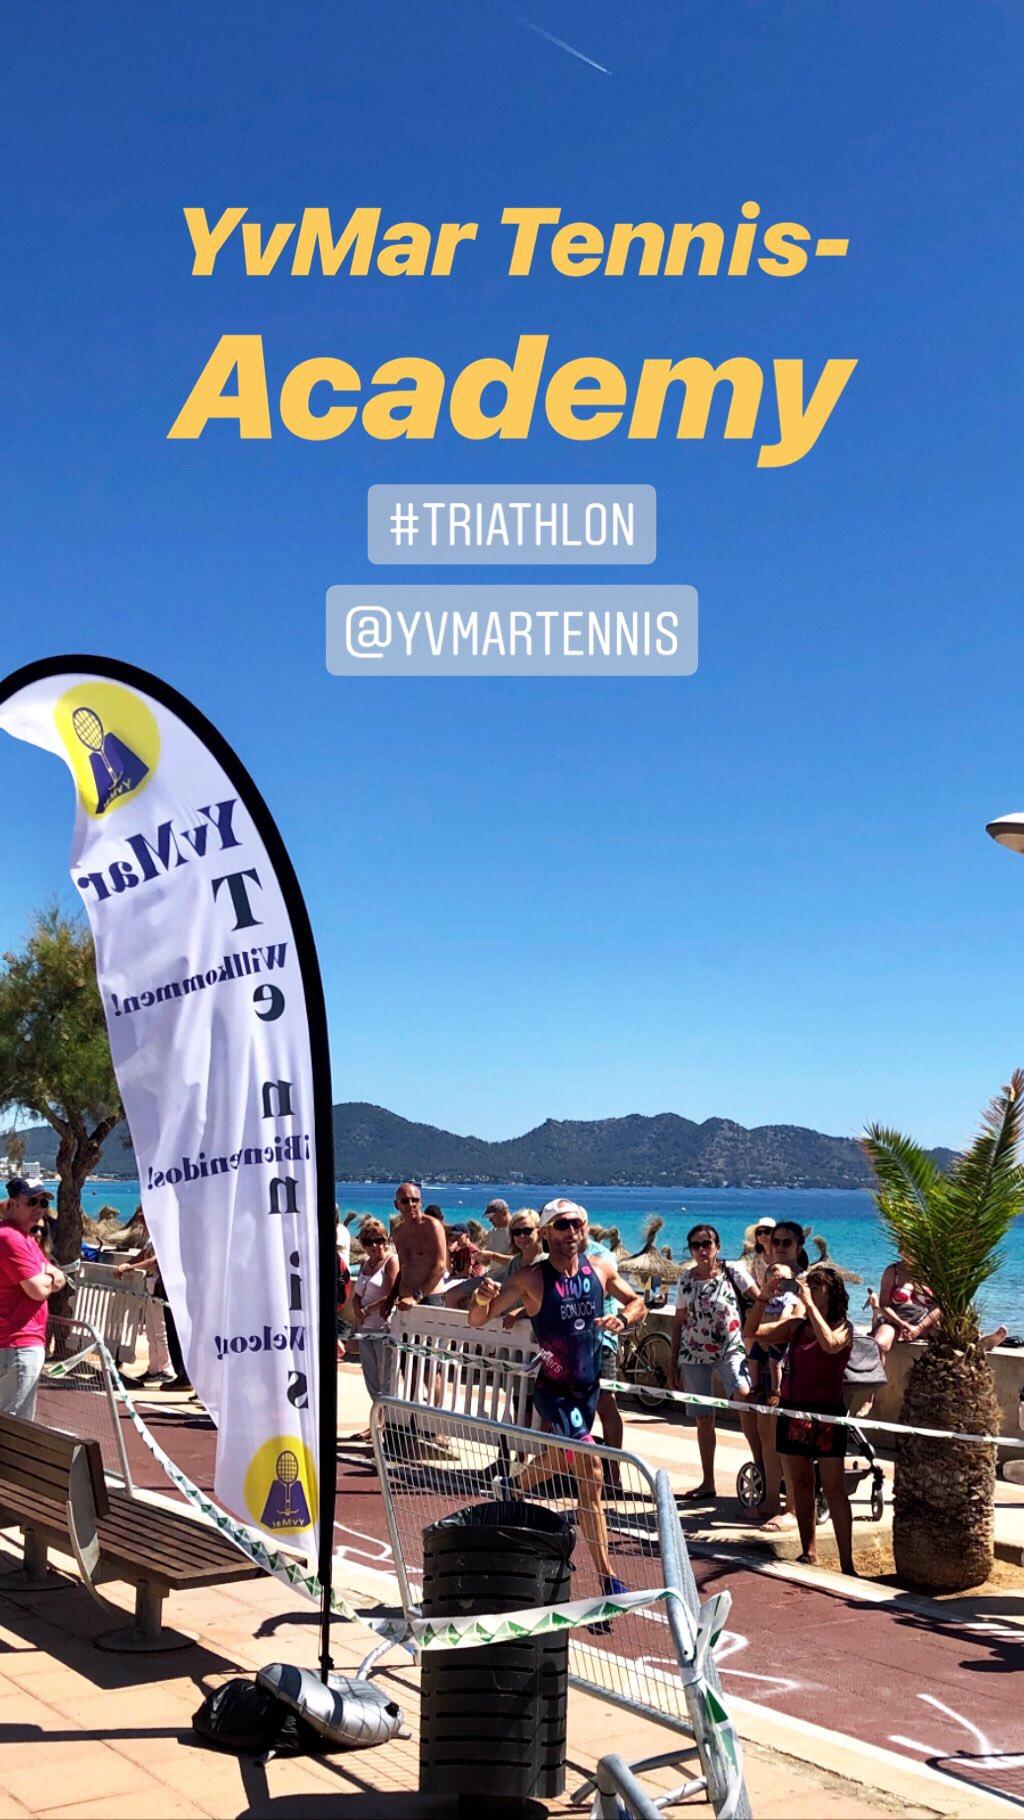 Eventos deportivos de YVMAR SPORTS & EVENTS